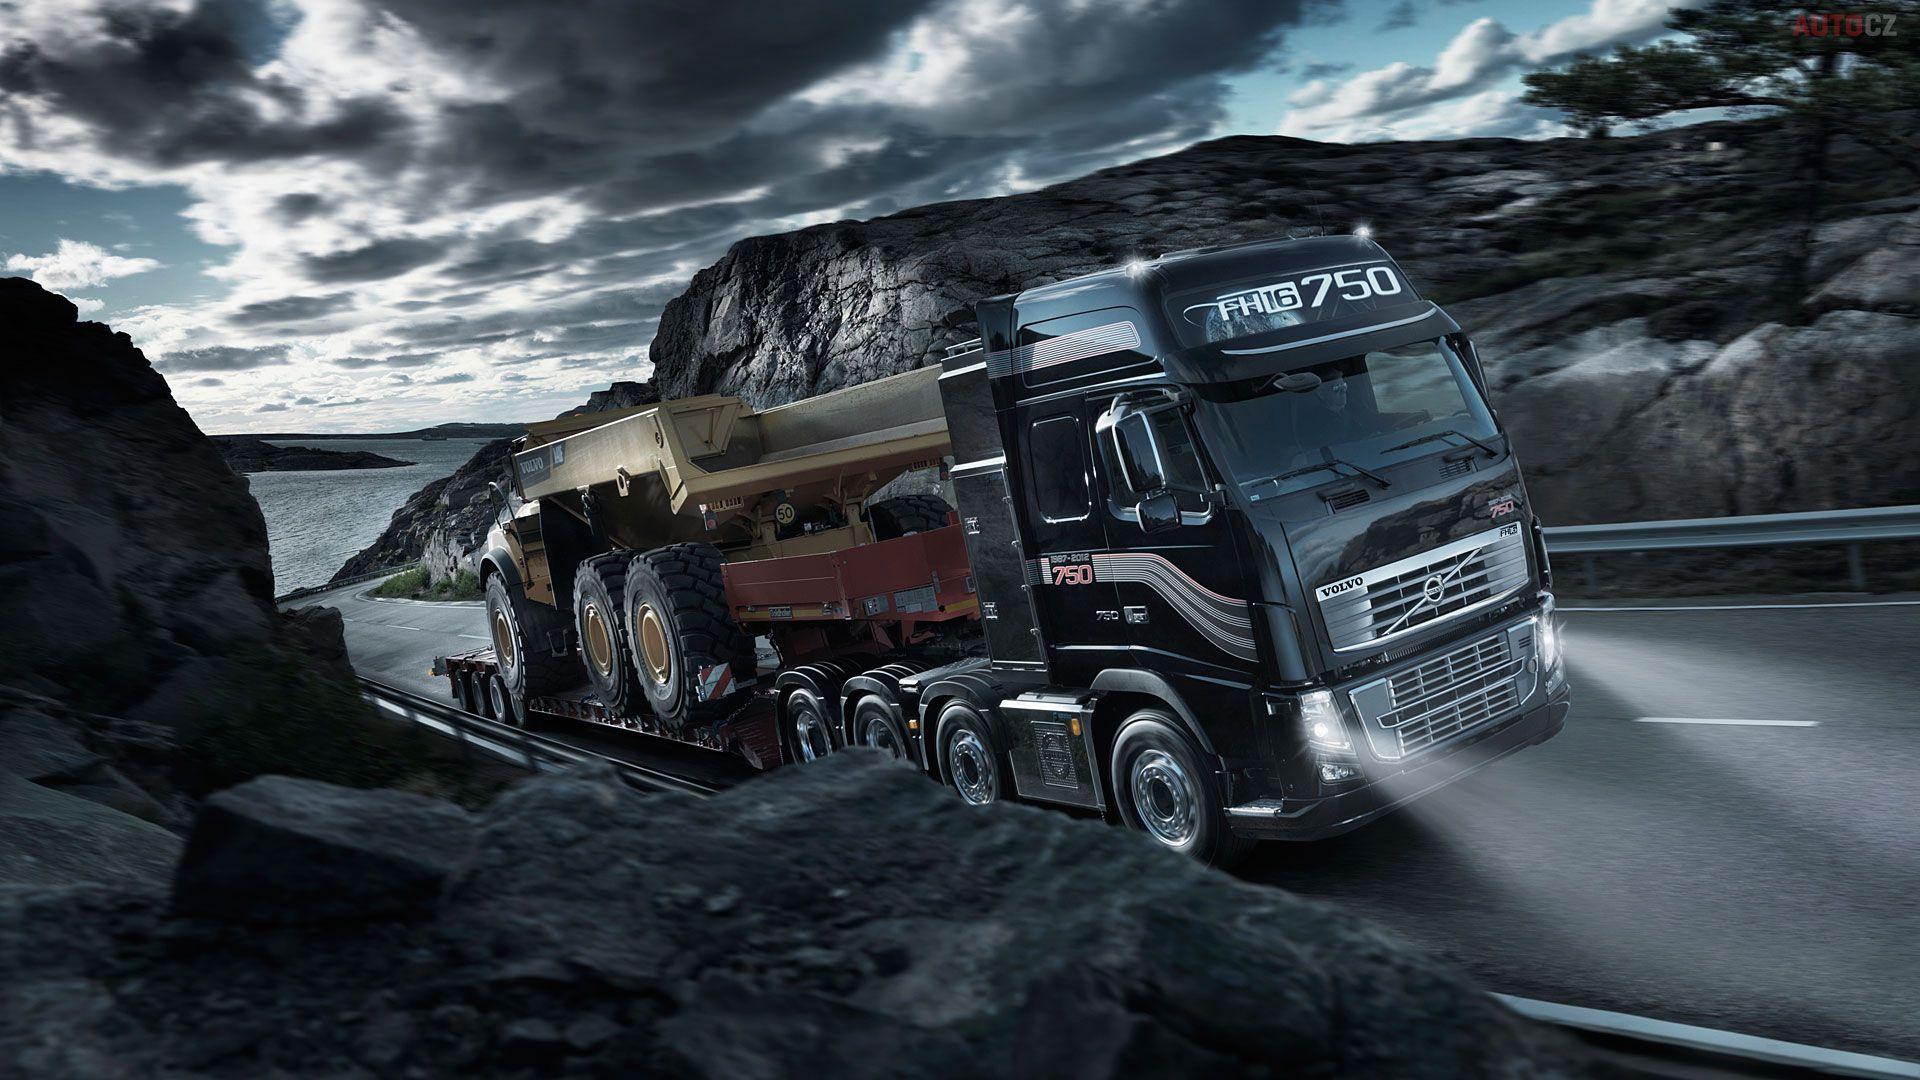 Auto Car Dump Truck Hd Wallpaper Free Download 1920 1080 Volvo Trucks Trucks Volvo